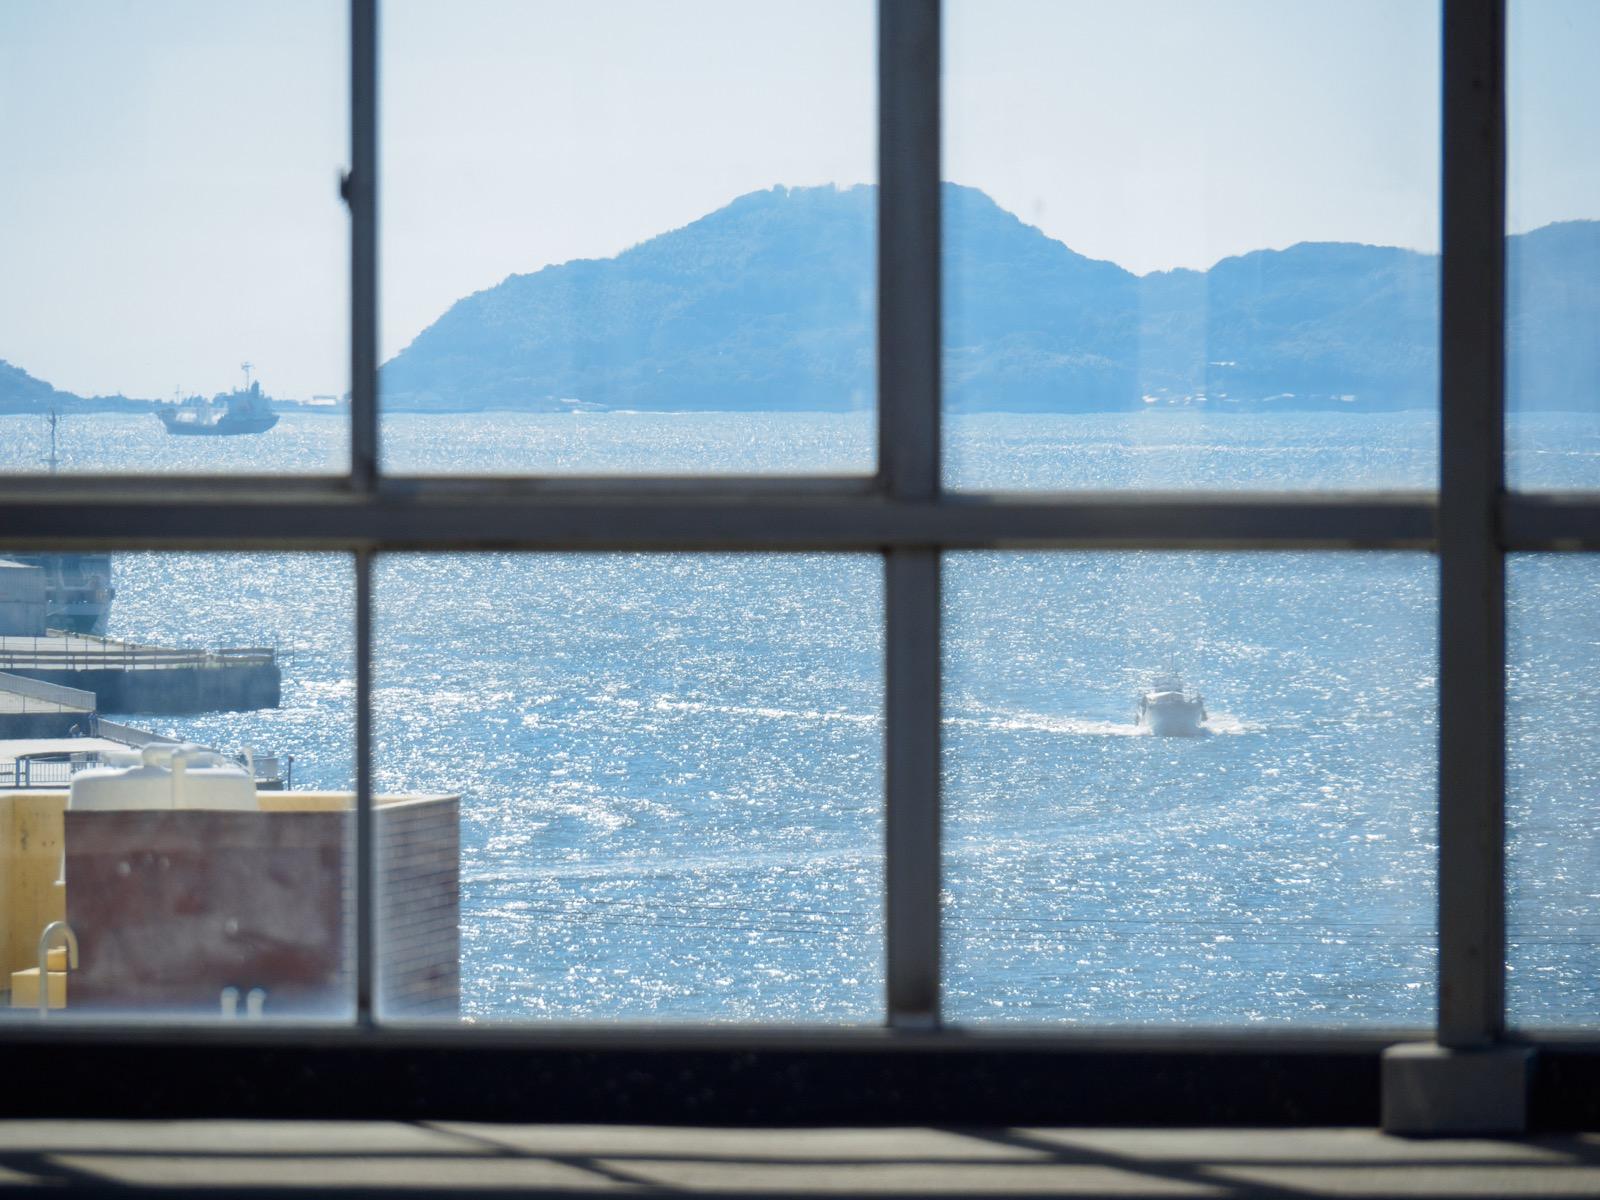 徳山駅の新幹線ホームから見た徳山下松港の船